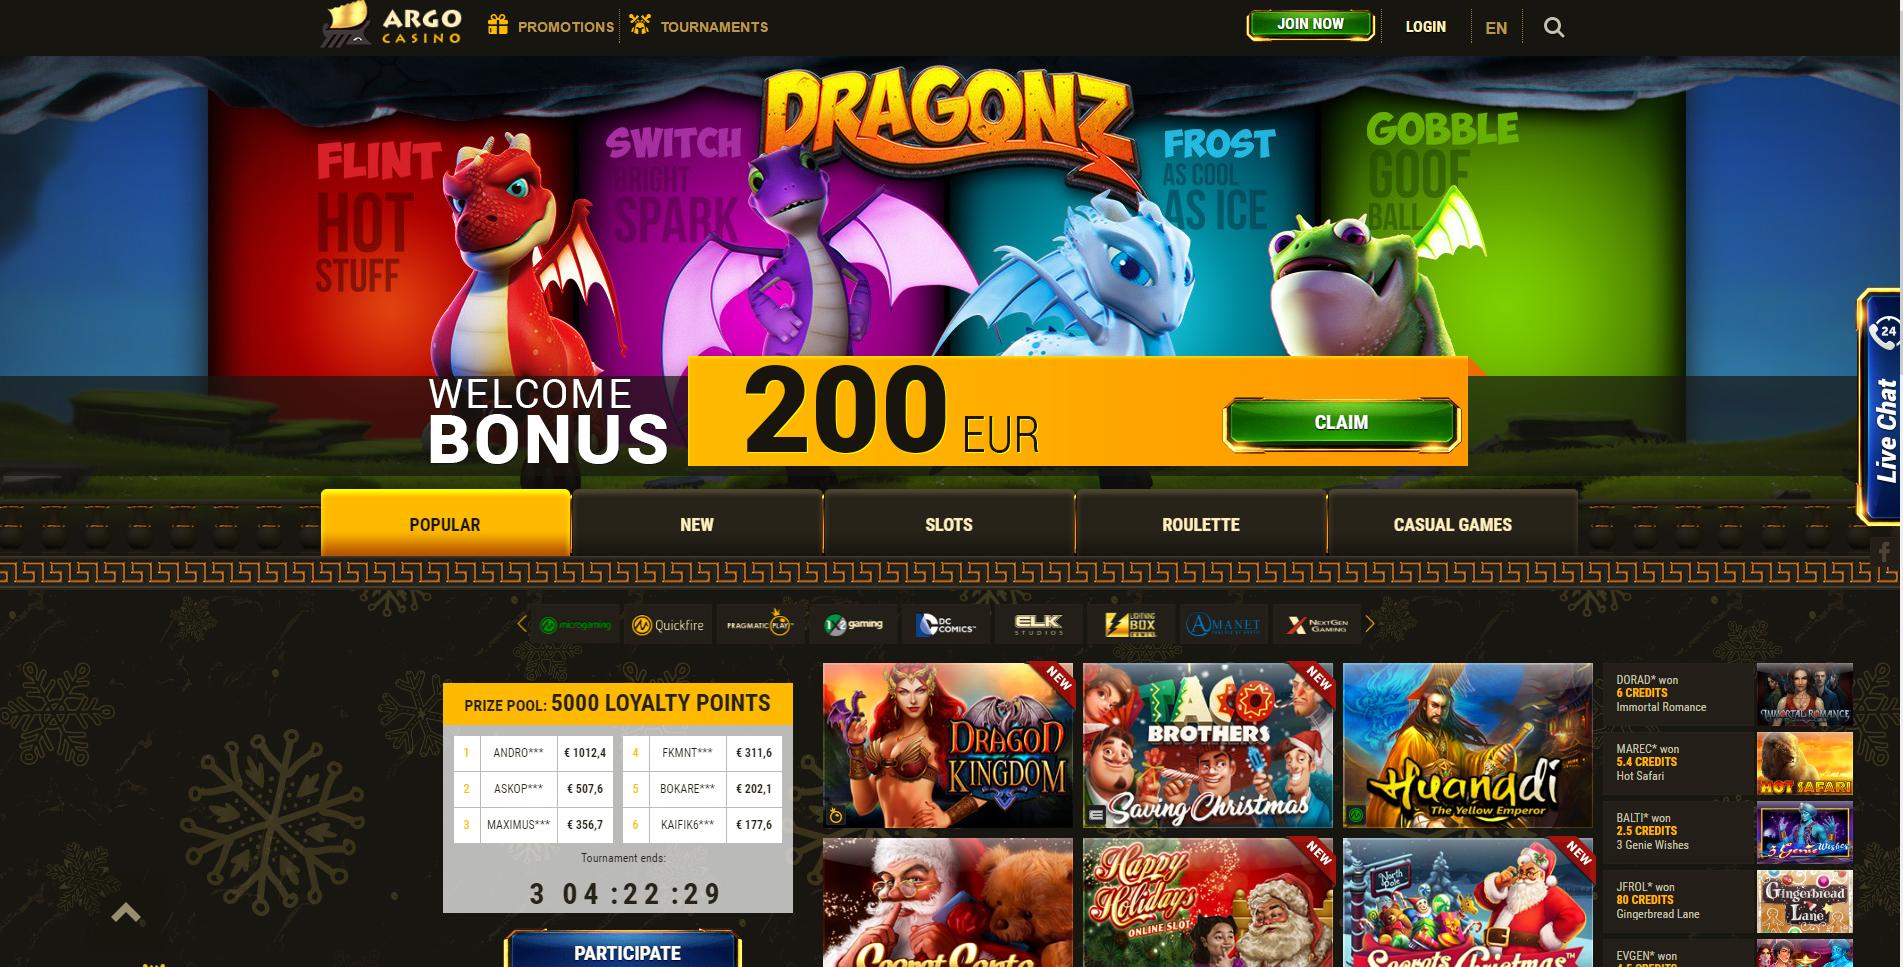 argo casino бонус коды